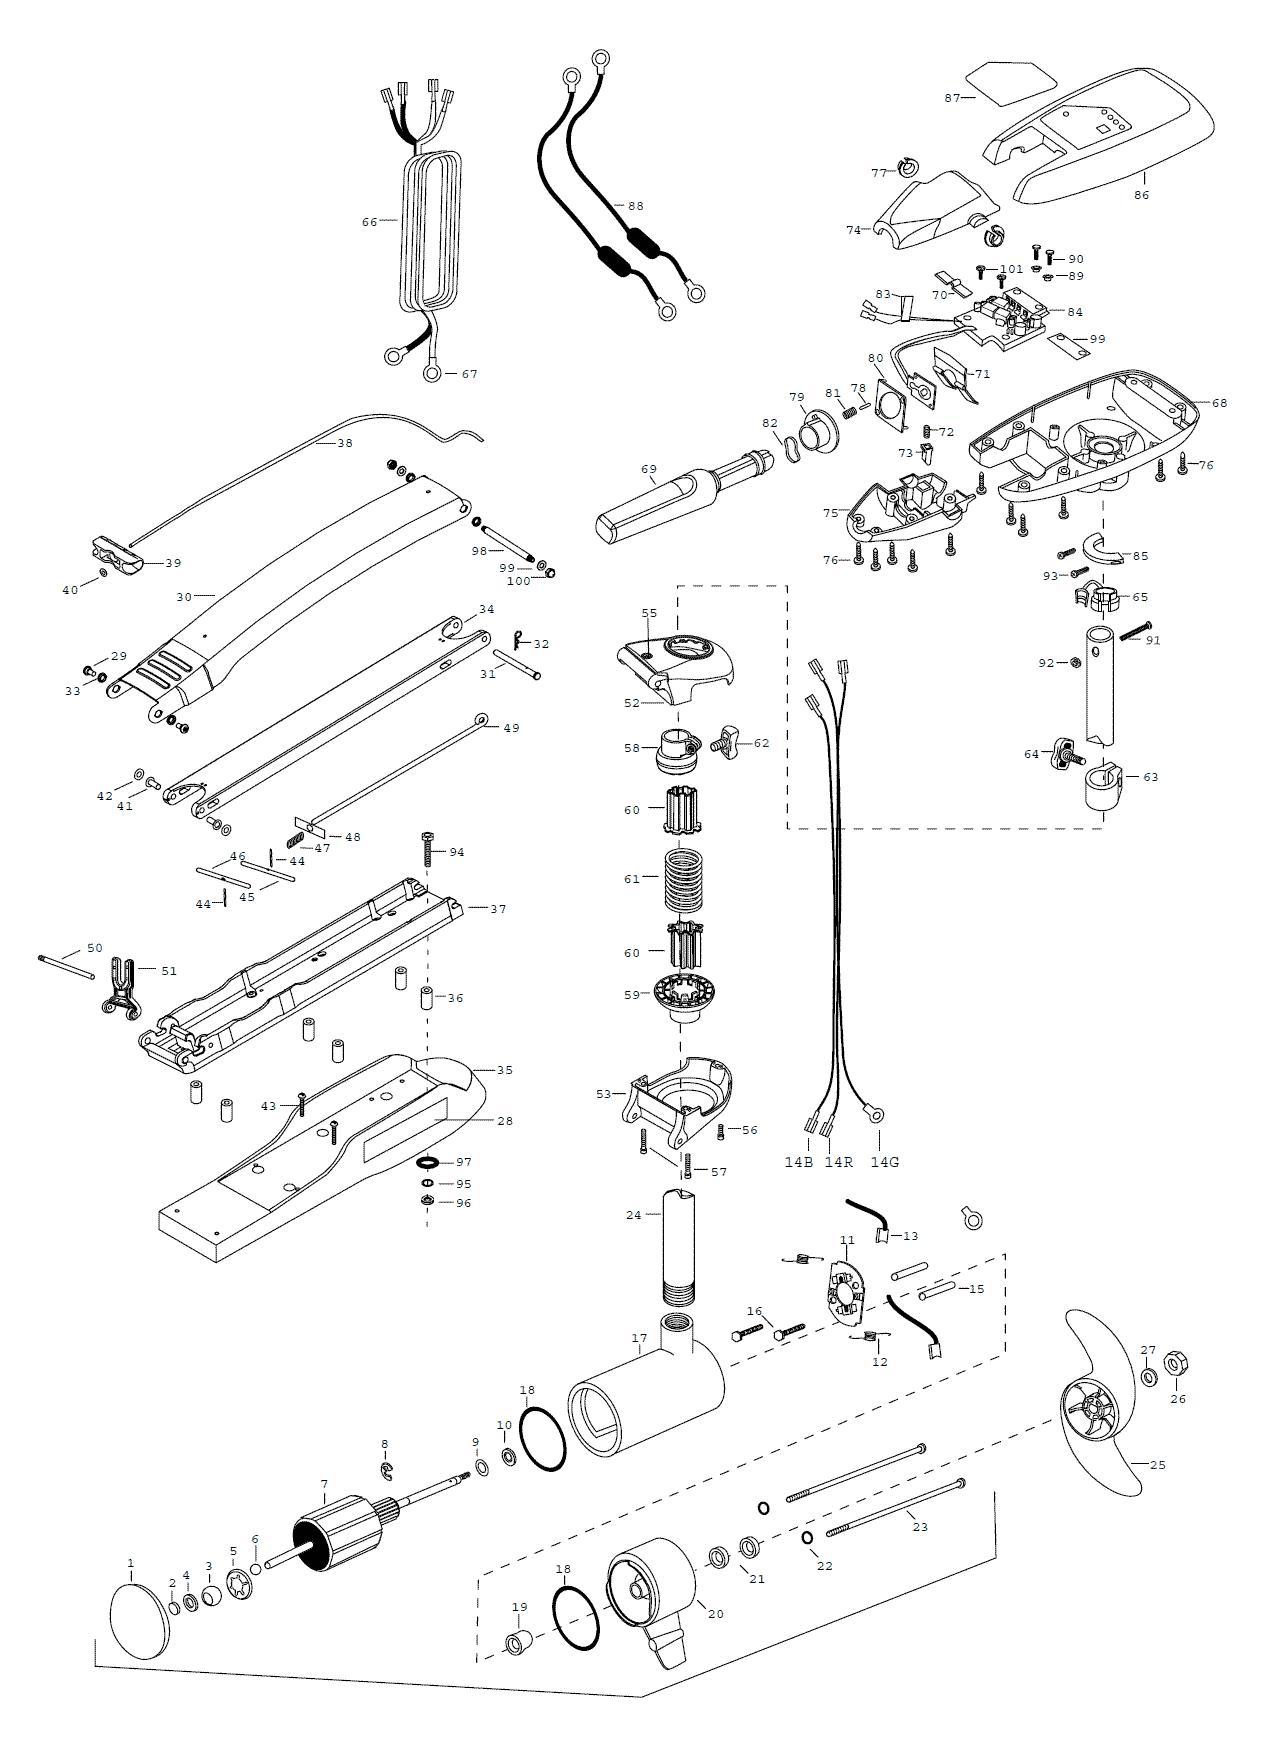 minn kota fortrex 80 parts diagram rotork wiring 200 000 maxxum 101 hand control 2003 from